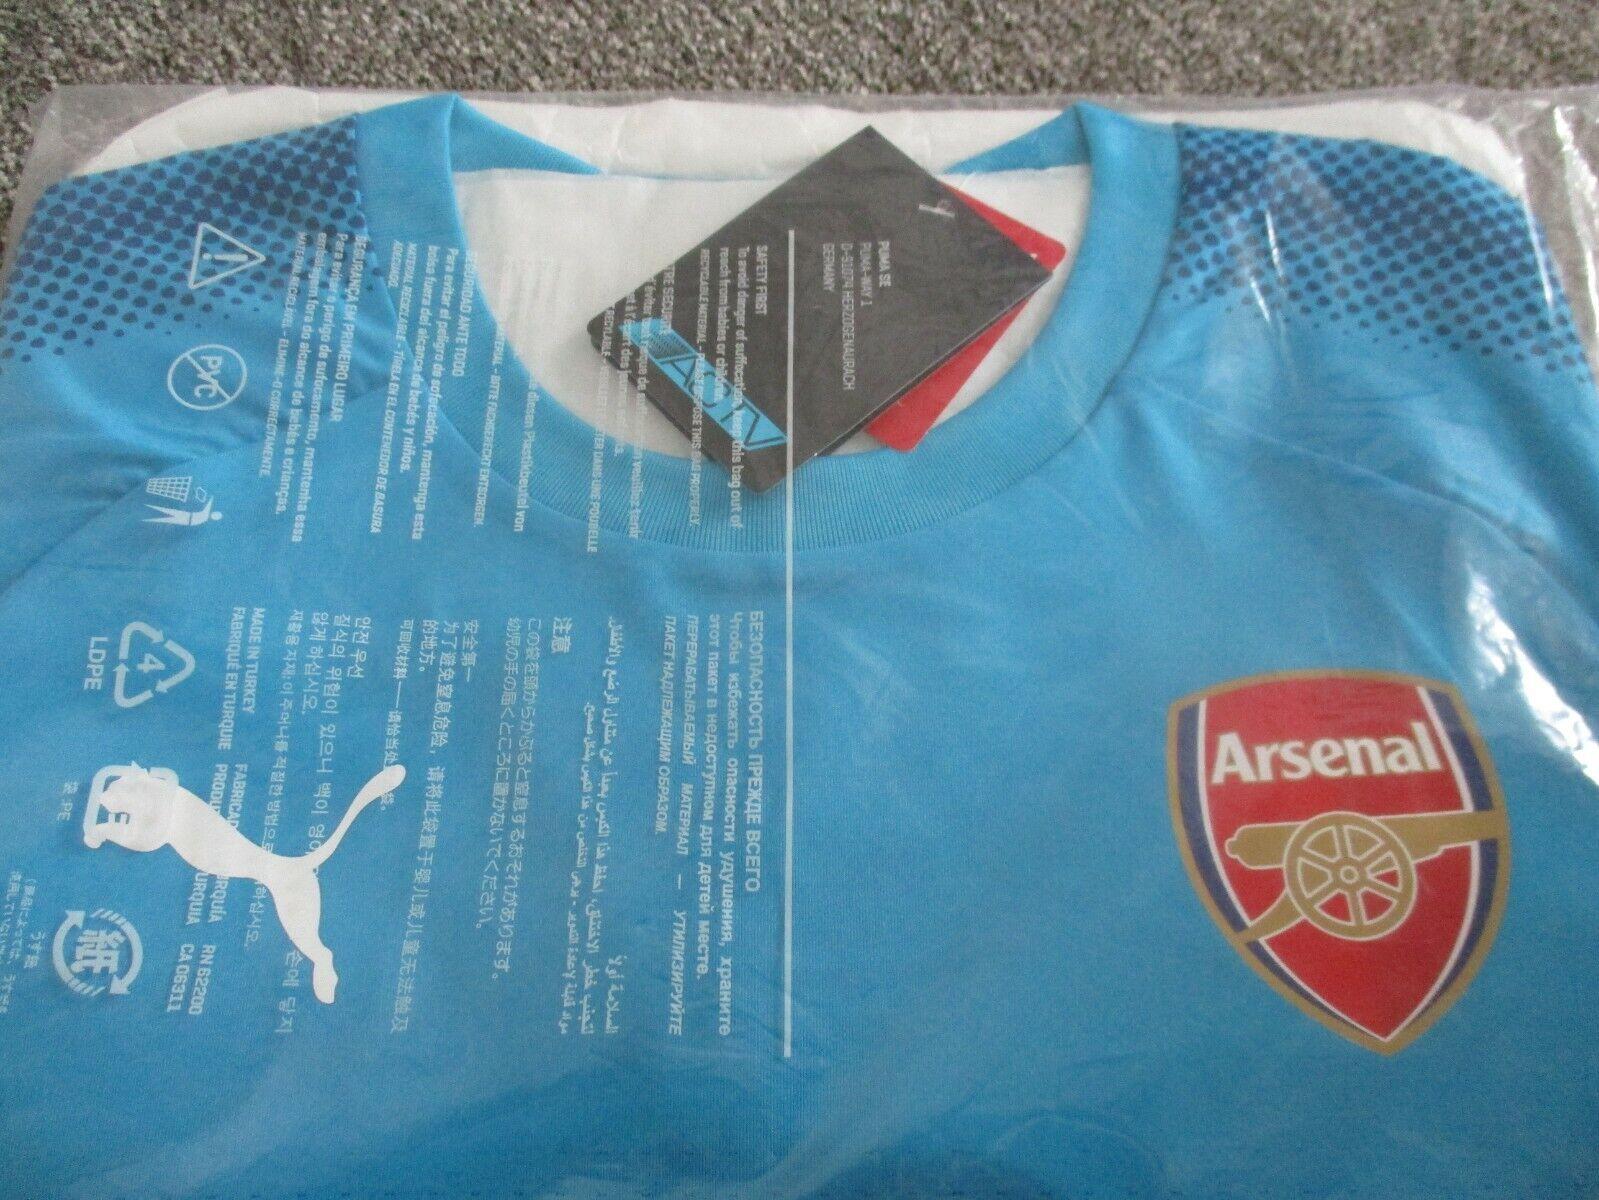 Arsenal FC 201718 Away Camicia Taglia M Blu ACTV Versione